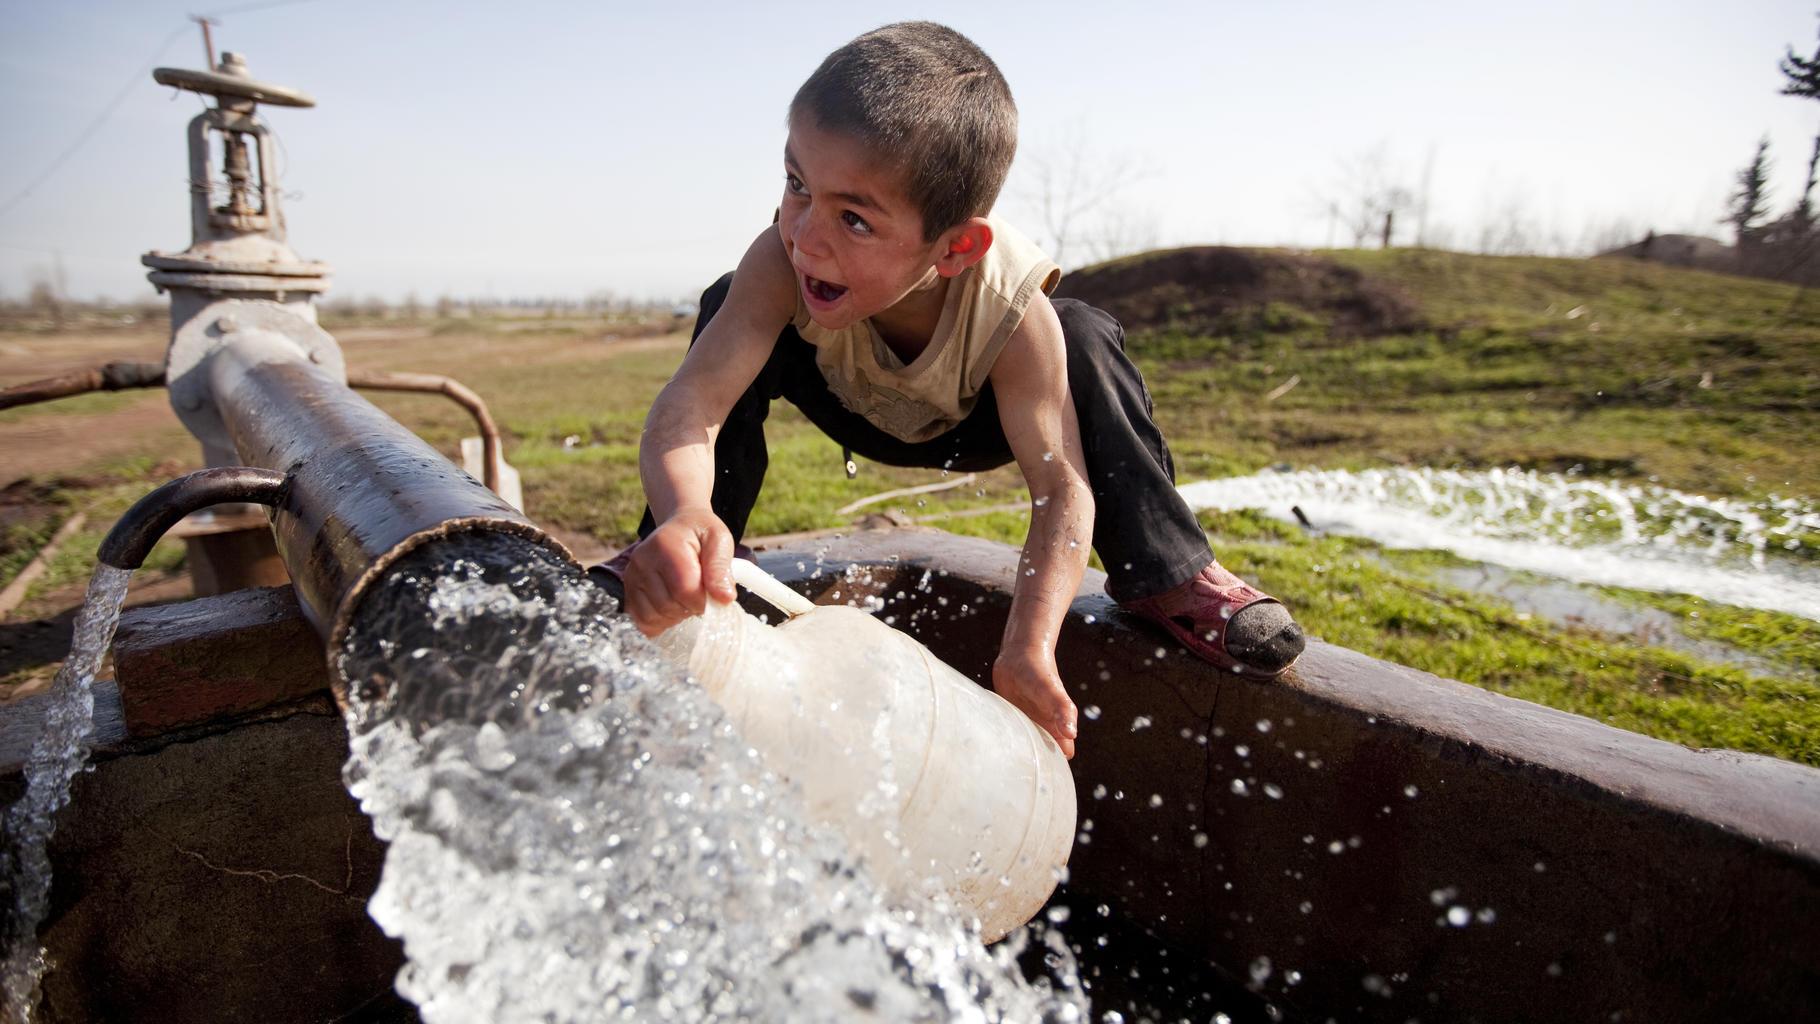 Kleiner Junge spielt am Brunnen